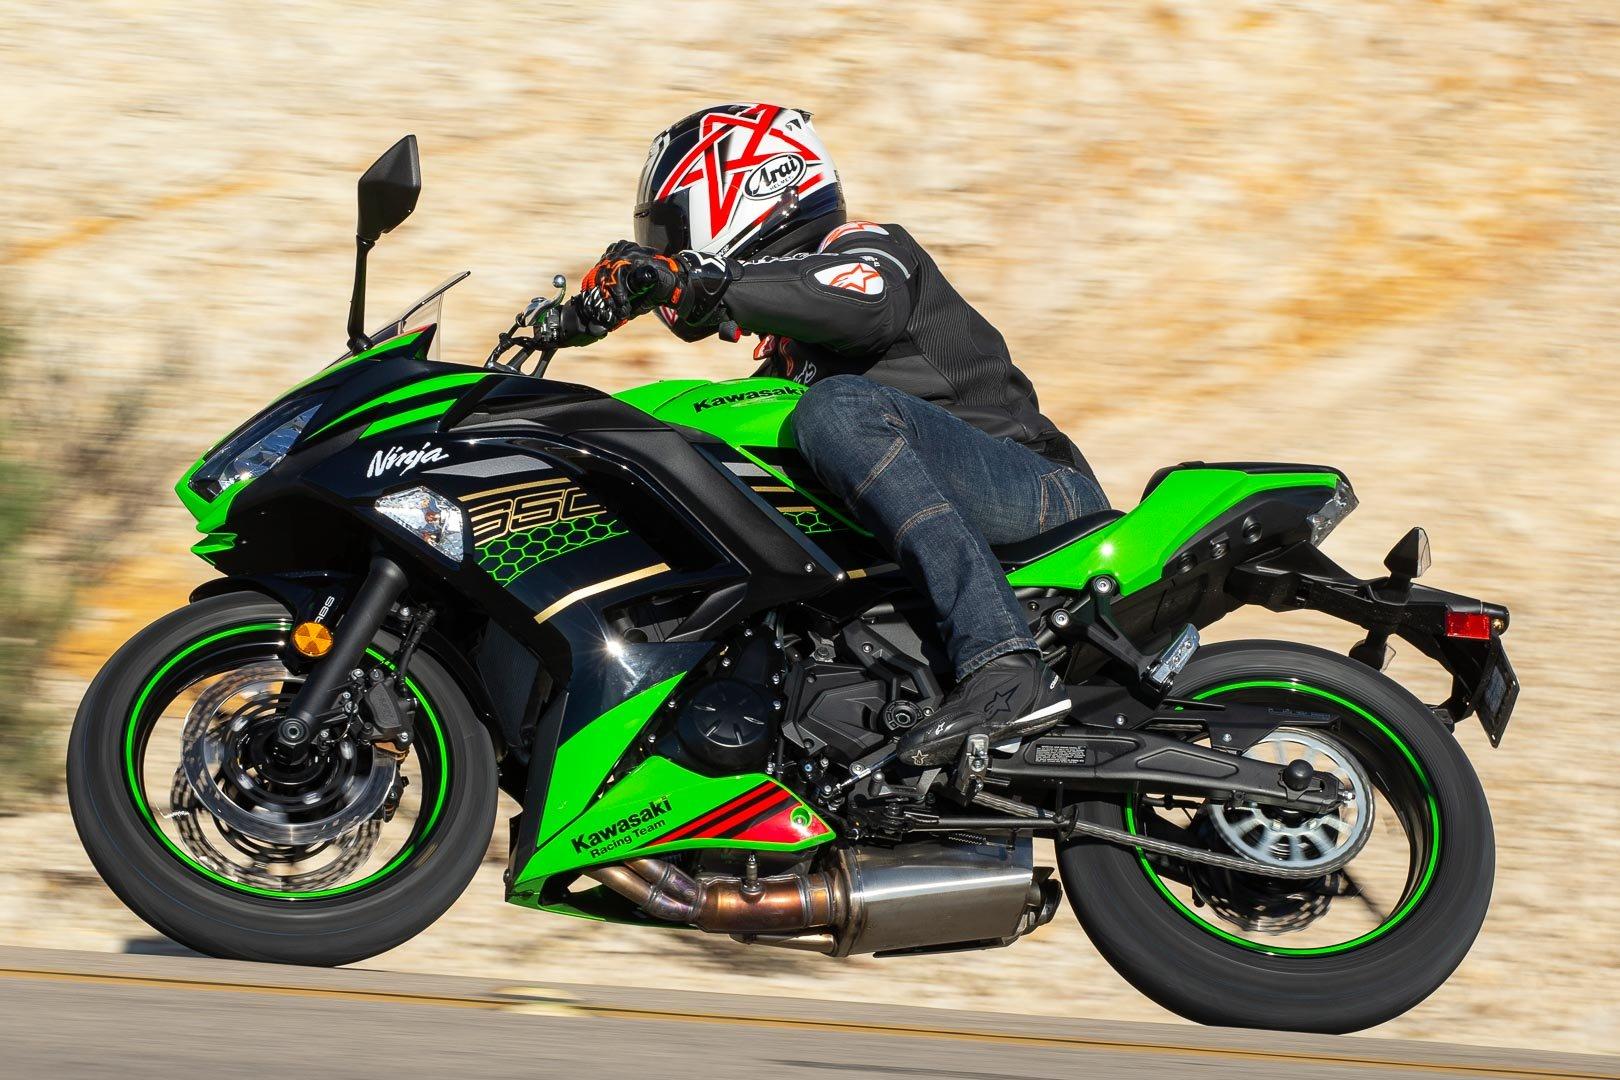 2020 Kawasaki Ninja 650 Review 14 Fast Facts Abs Krt Edition